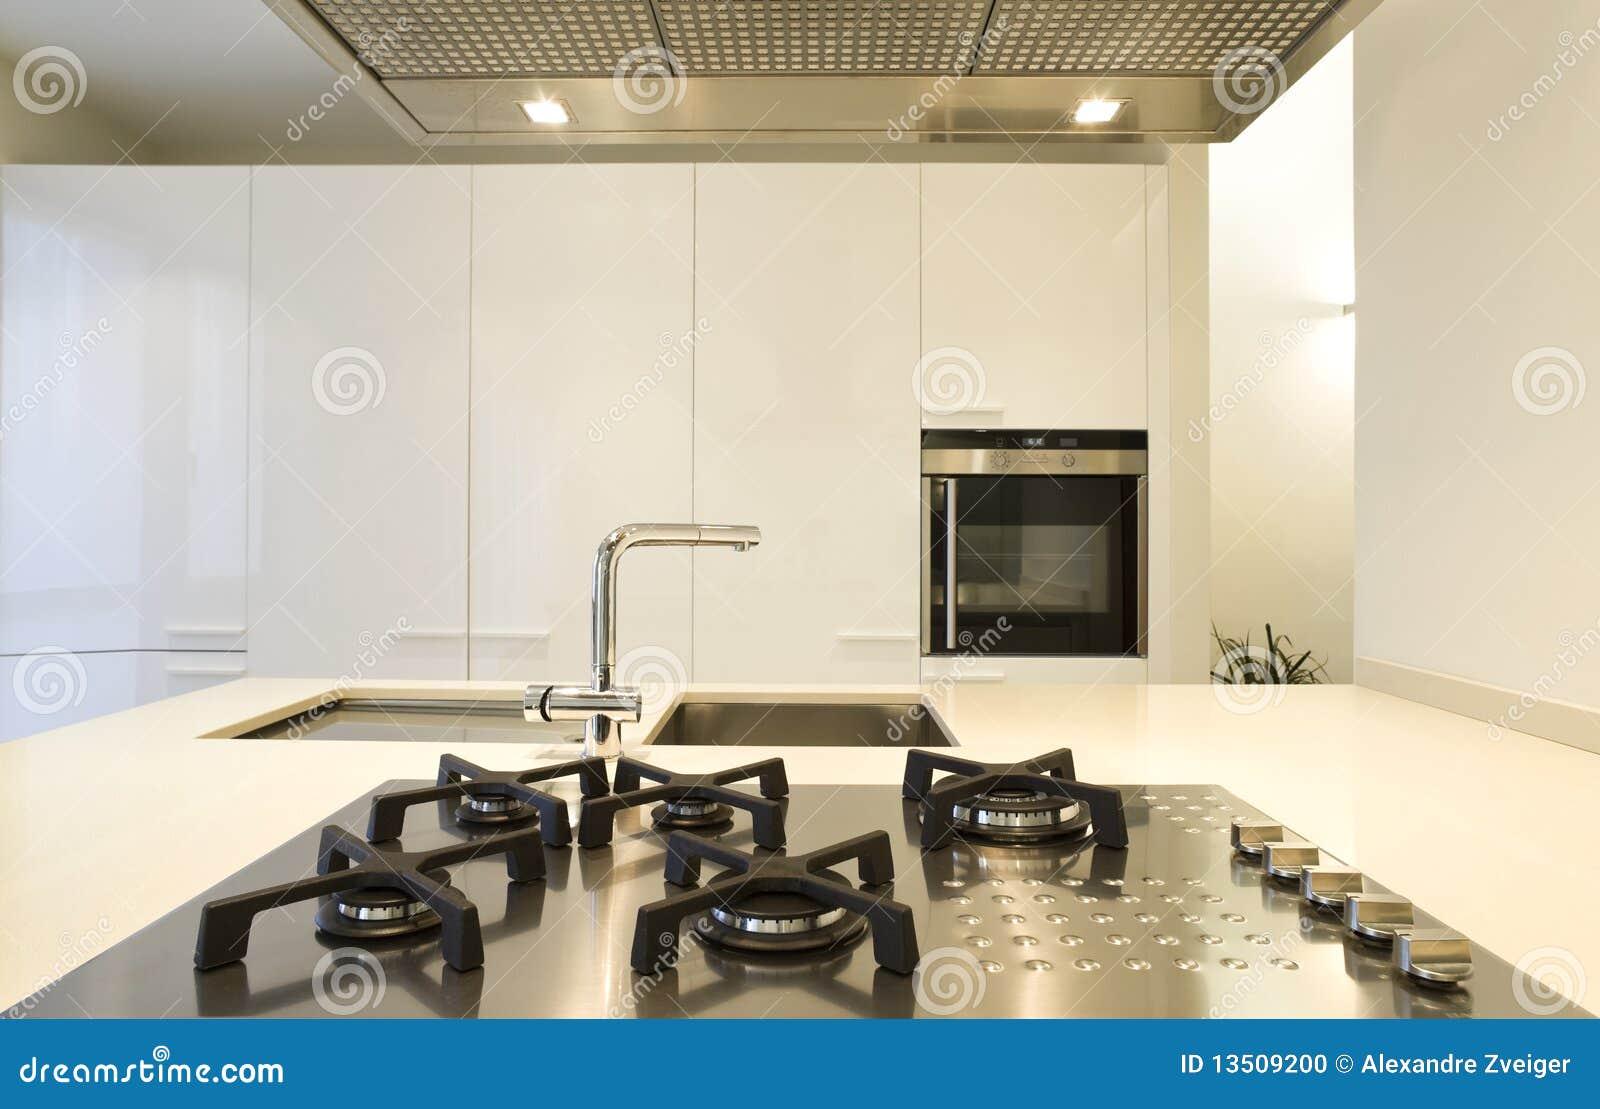 Schönes Innenhaus stockfoto. Bild von küche, innen, weiß - 13509200